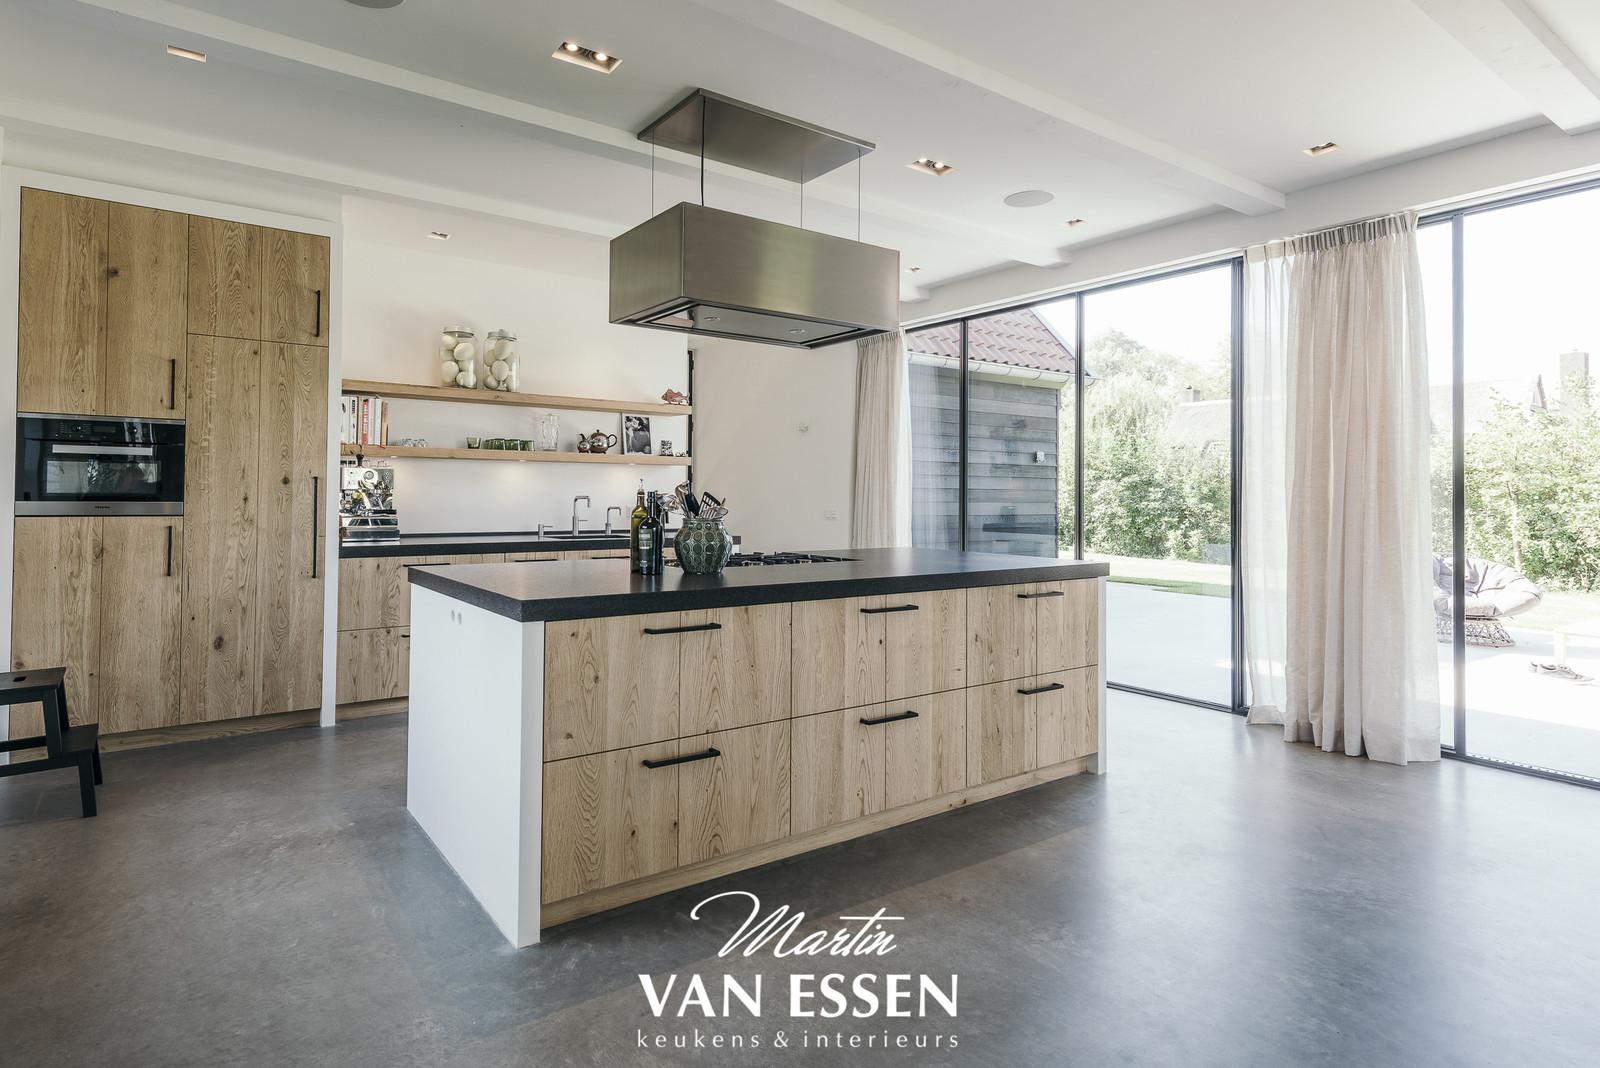 Van Essen Keukens | The Art of Living (NL)